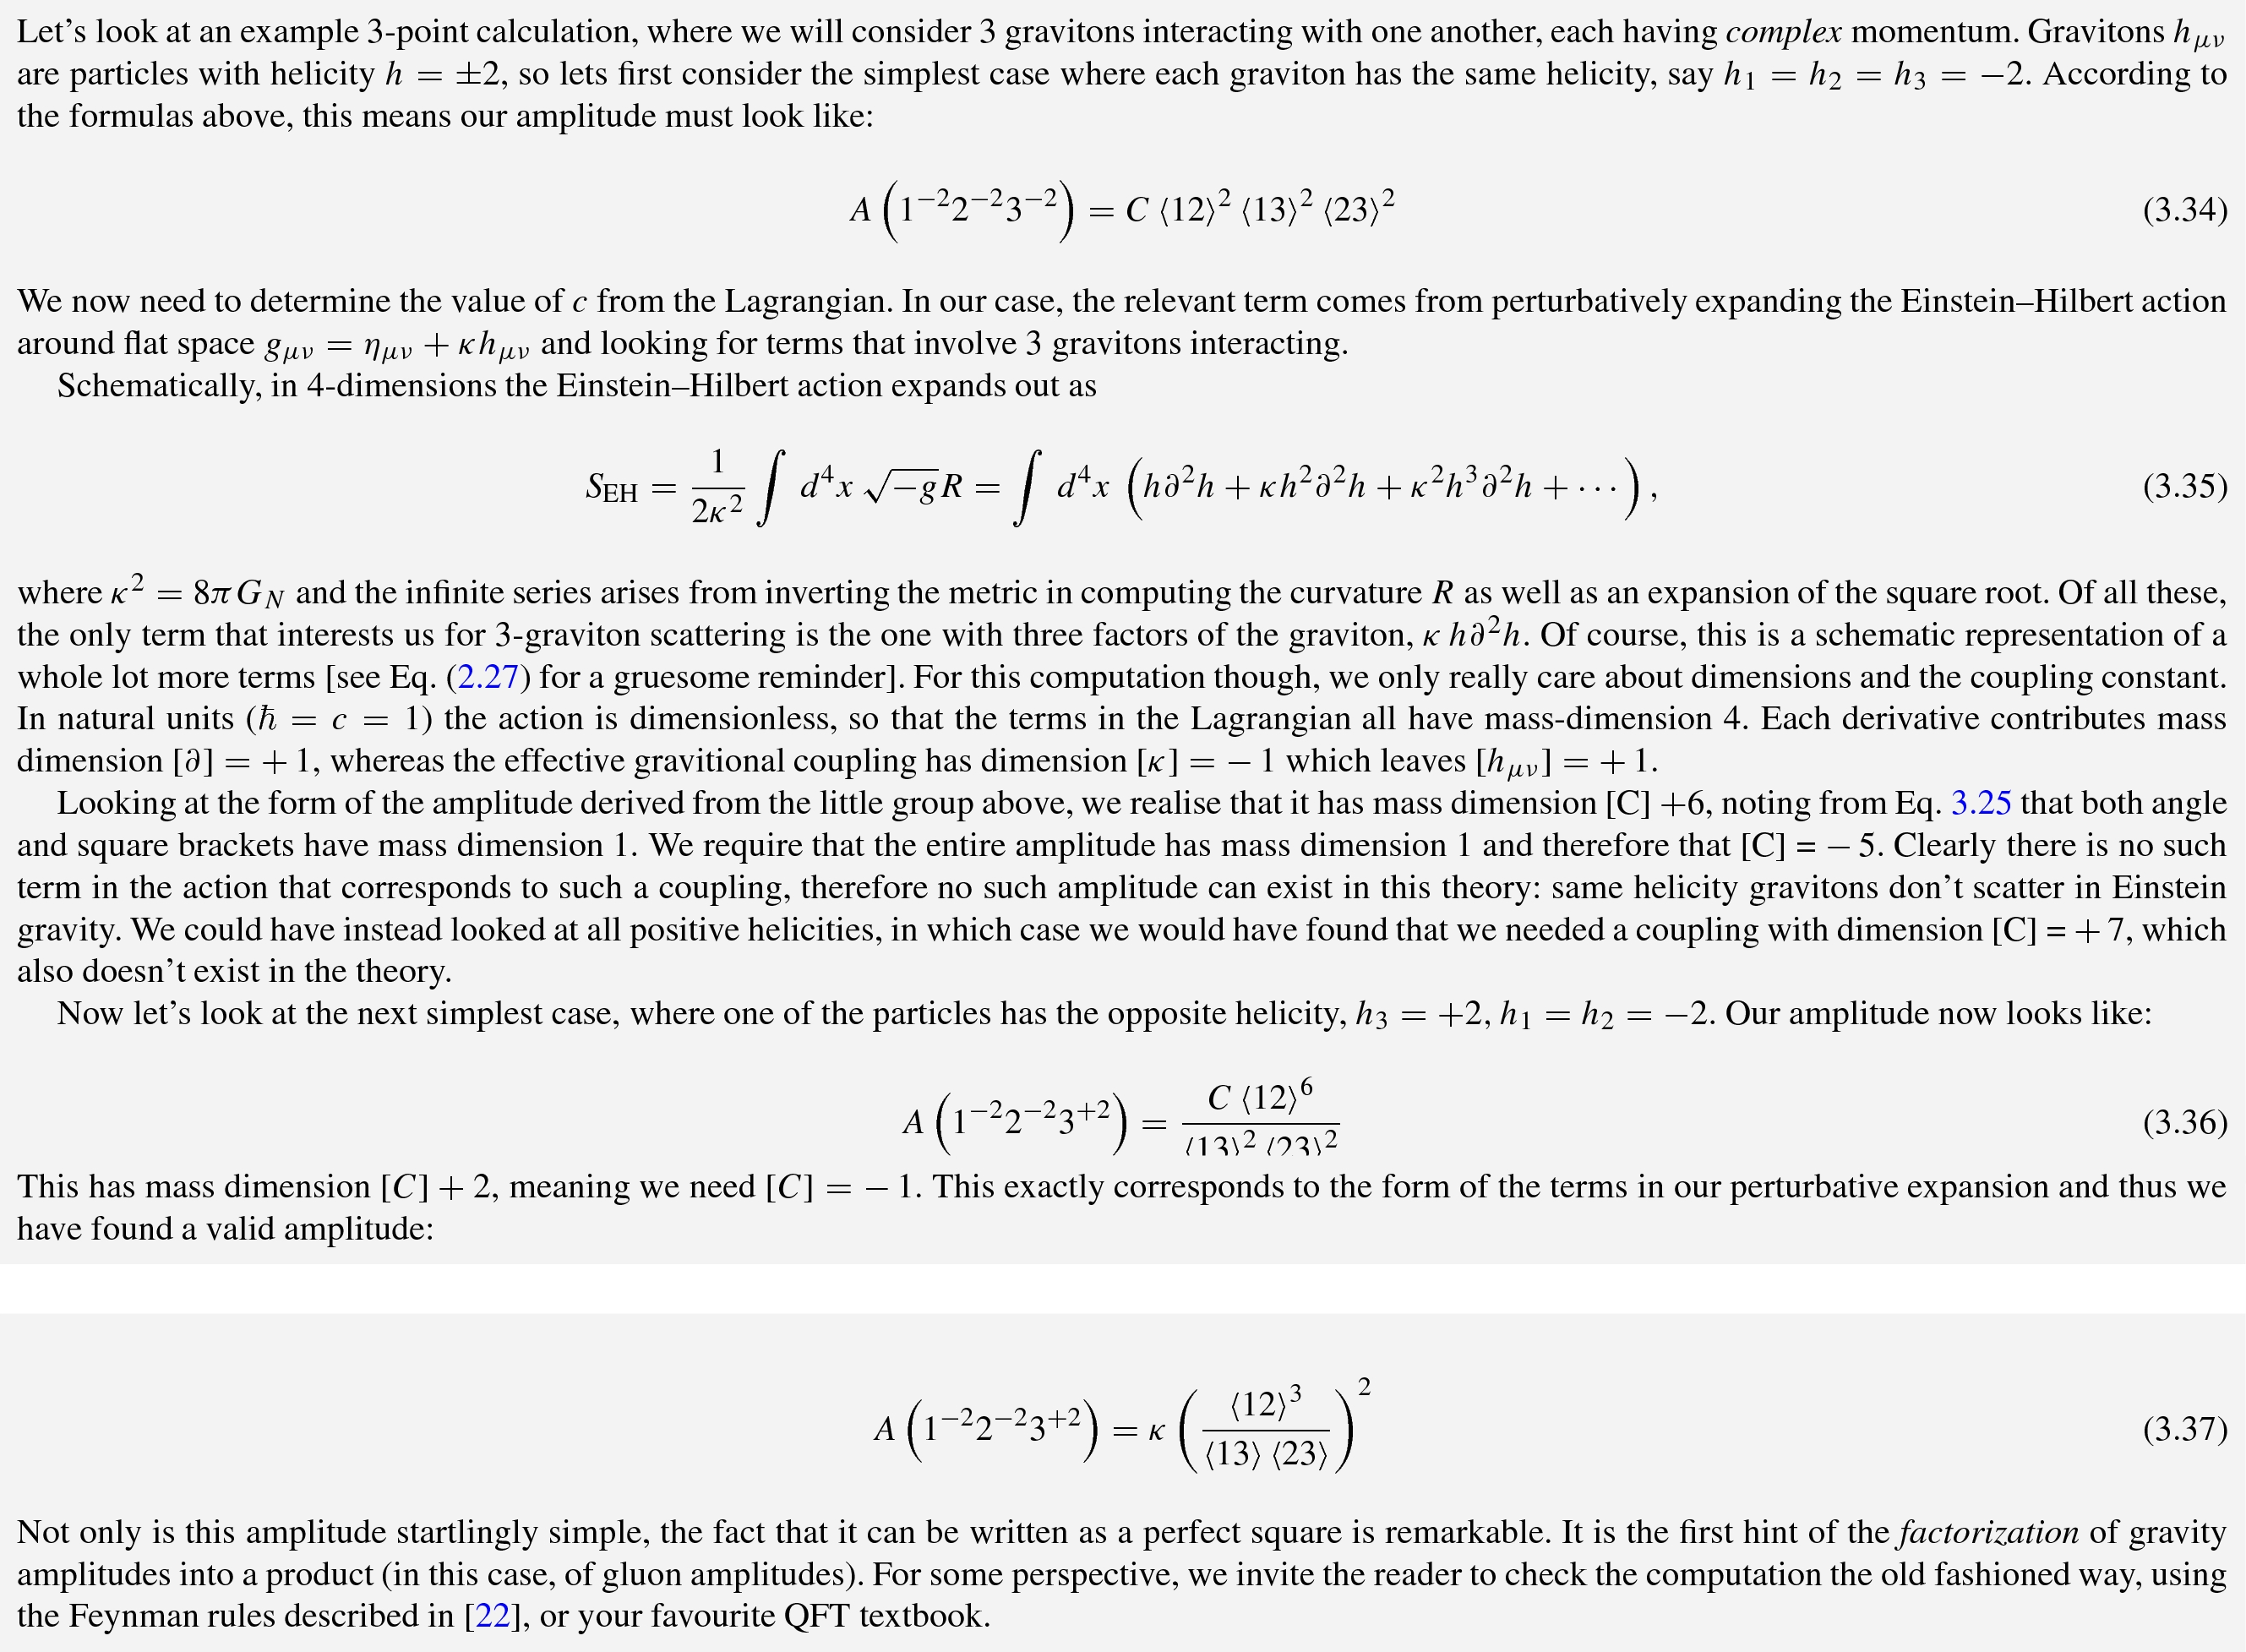 Amplitudes for astrophysicists: known knowns | SpringerLink